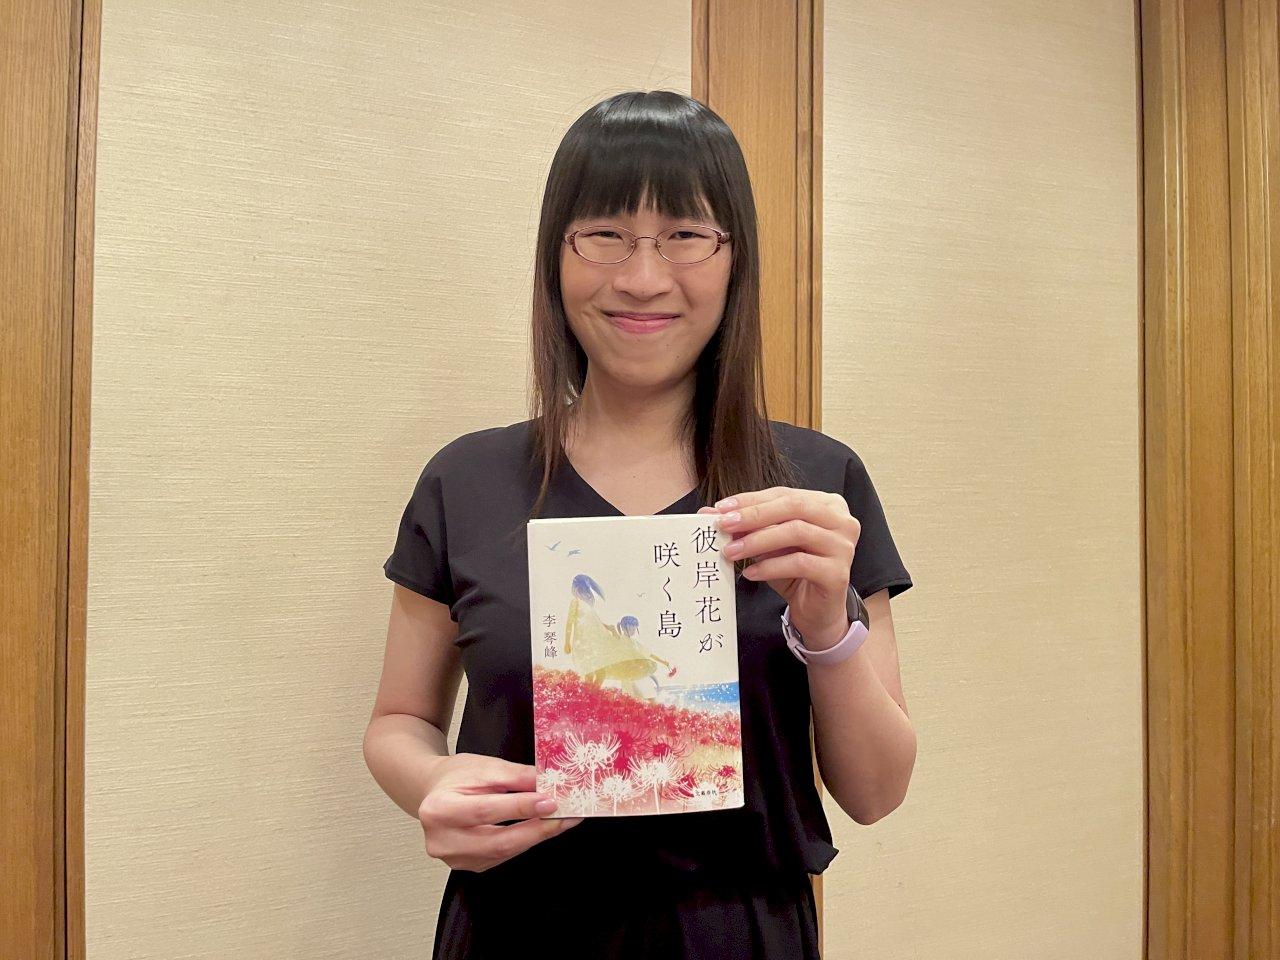 旅日作家李琴峰小說《彼岸花盛開之島》   獲第165屆日本芥川獎